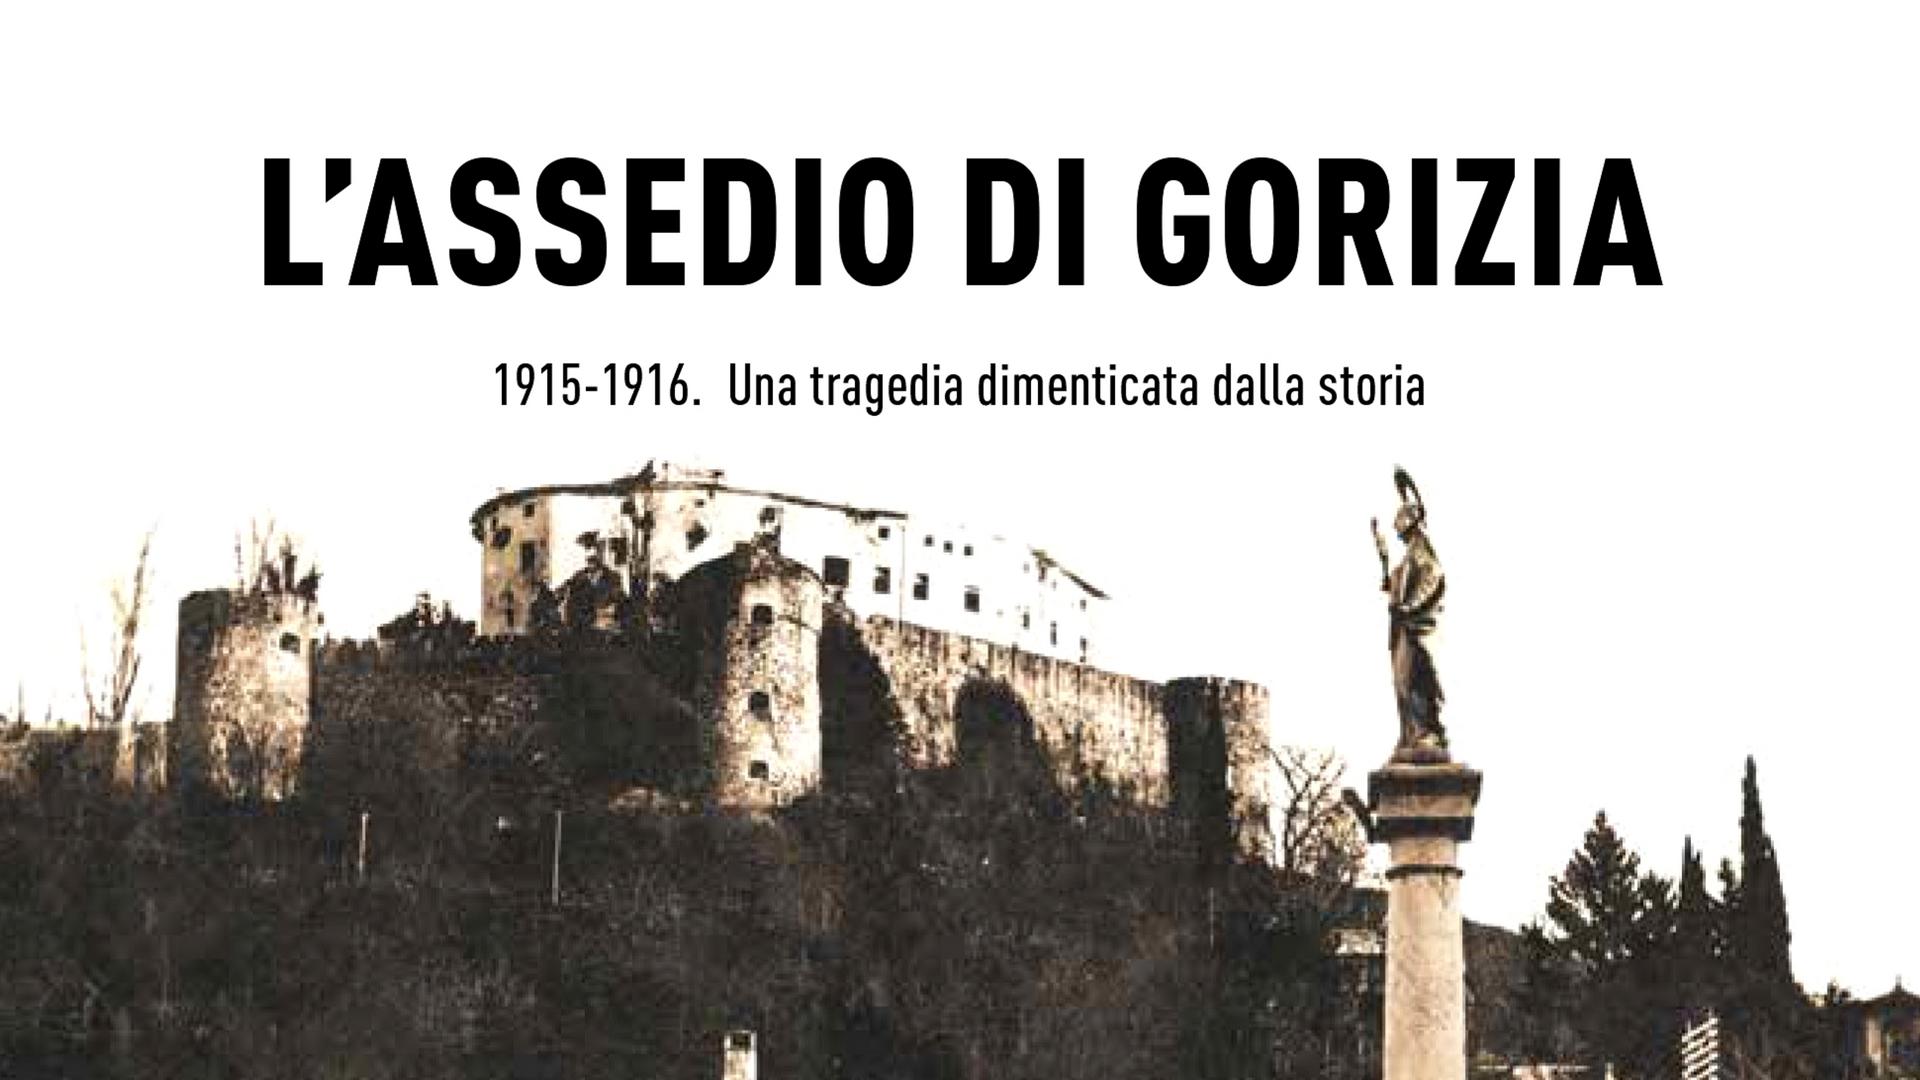 L'assedio di Gorizia, presentazione del libro